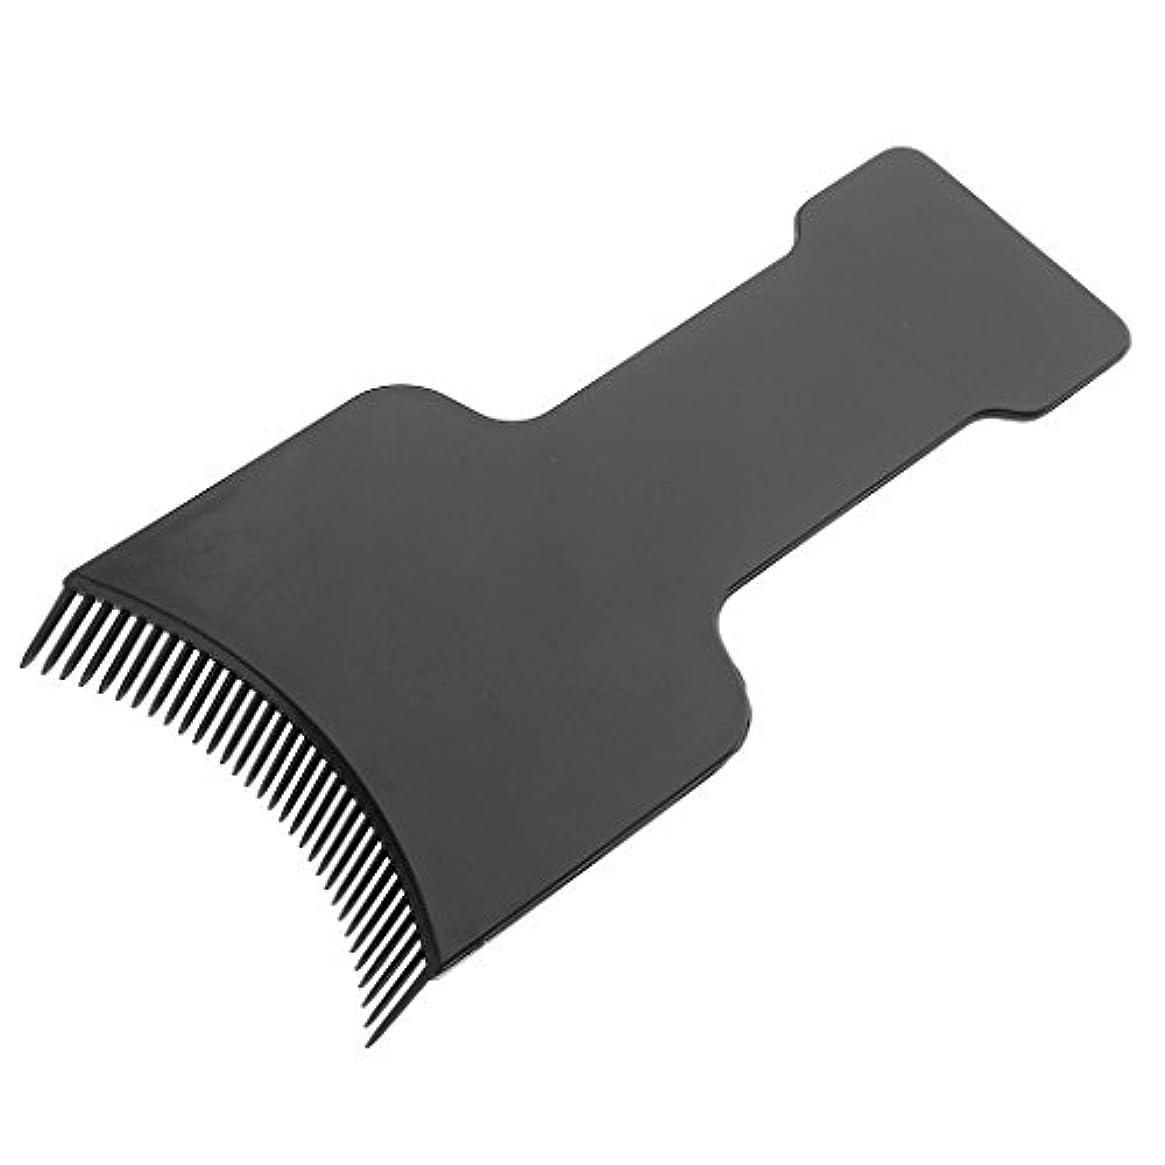 バスルーム検出するベーコンPerfk サロン ヘアカラー ボード ヘアカラーティント 美容 ヘア 染色 ツール ブラック 全4サイズ - S